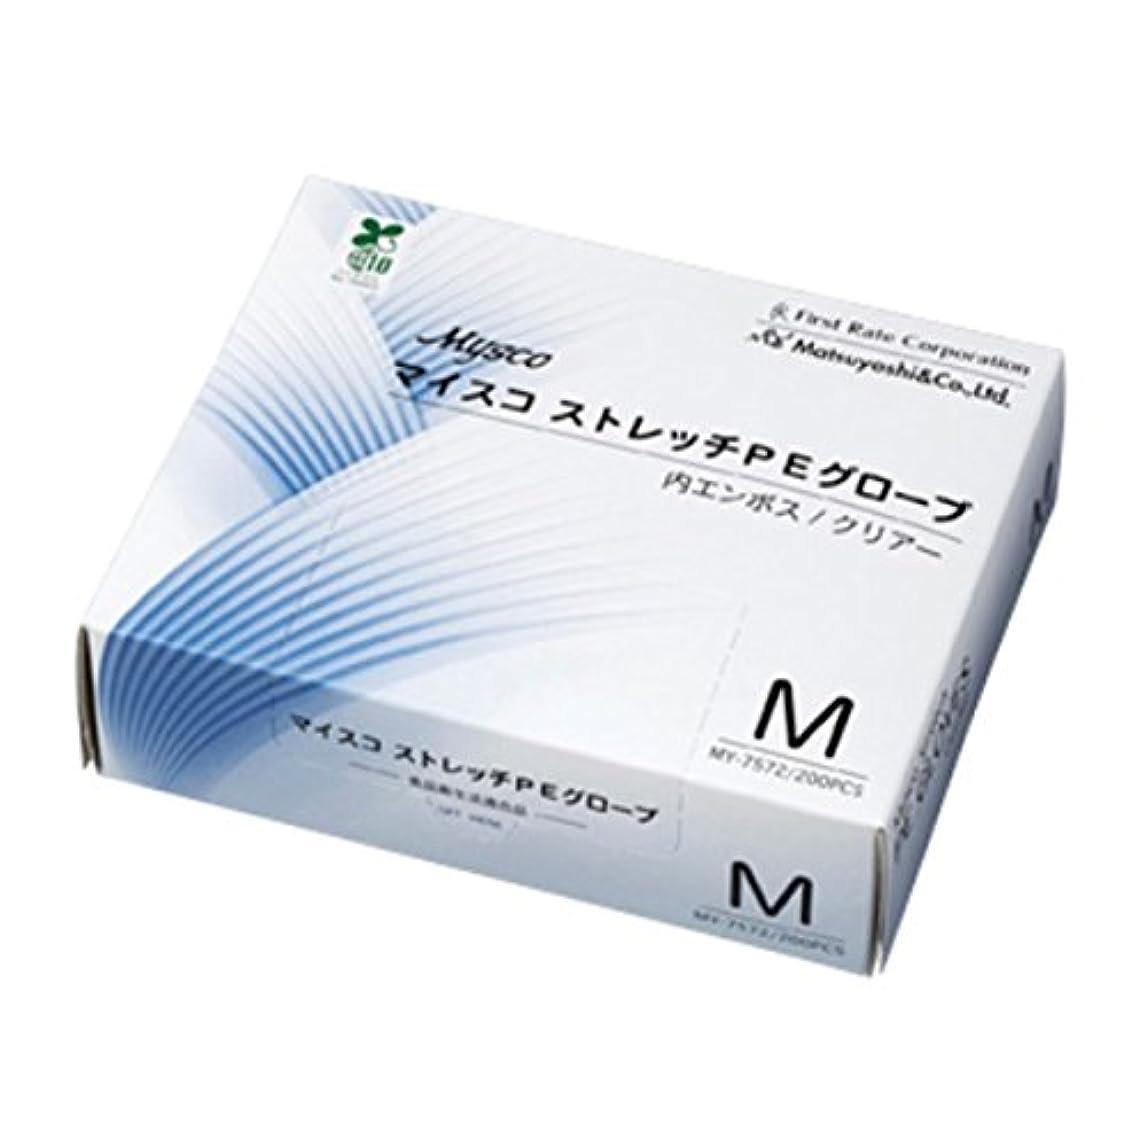 スペル超えて週間【ケース販売】マイスコ ストレッチPEグローブ M 200枚入×40箱